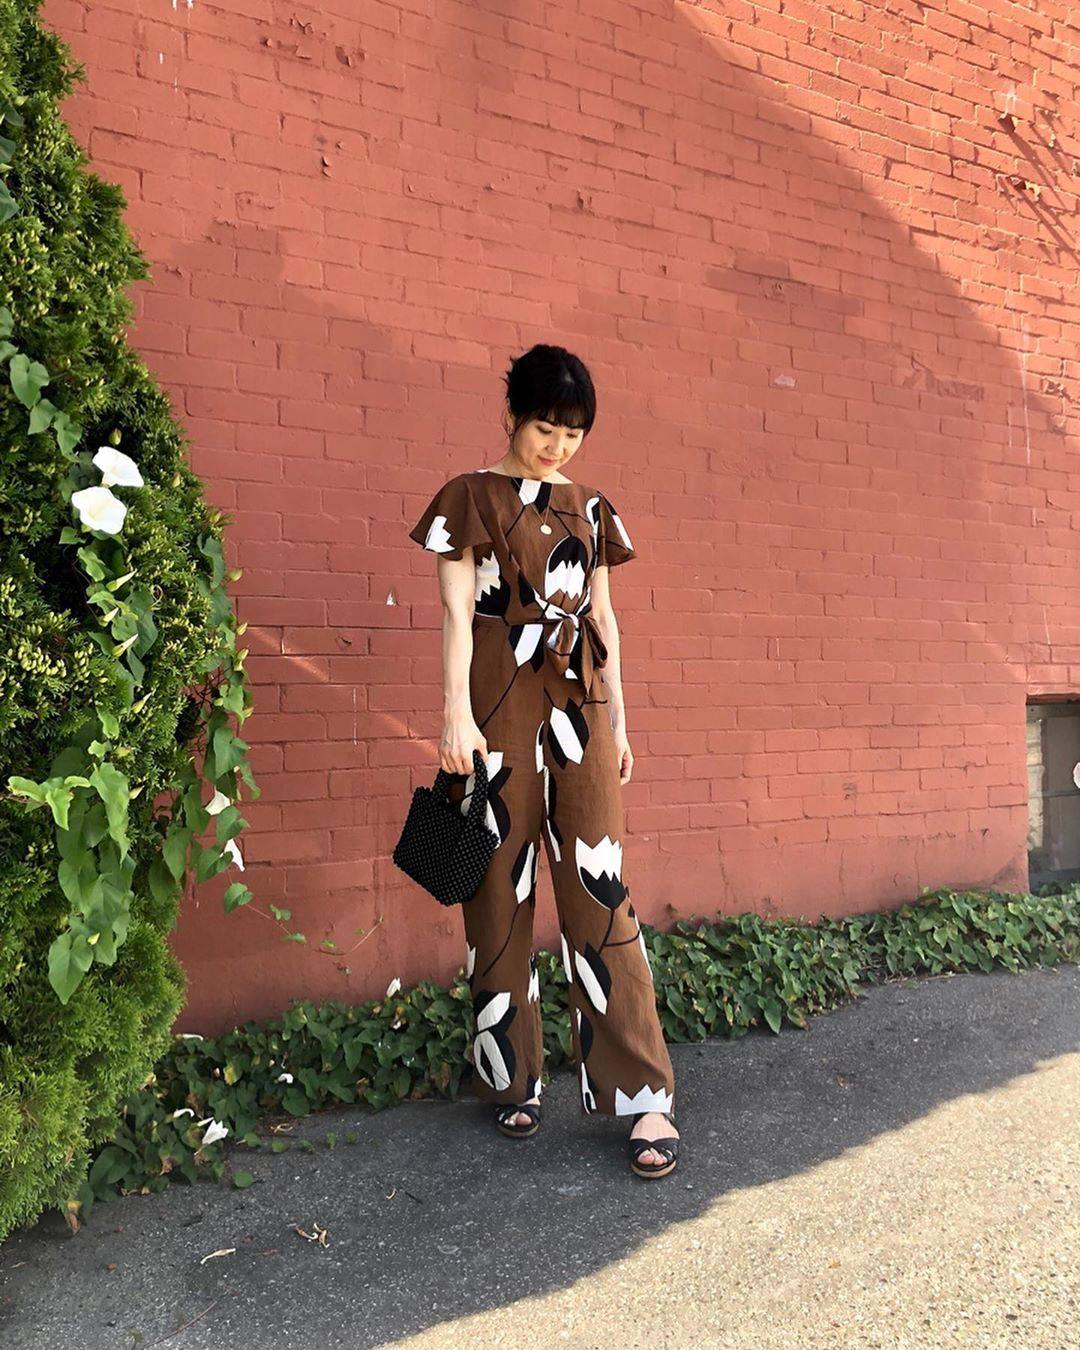 最高気温30度・最低気温23度 i.styleclosetの服装